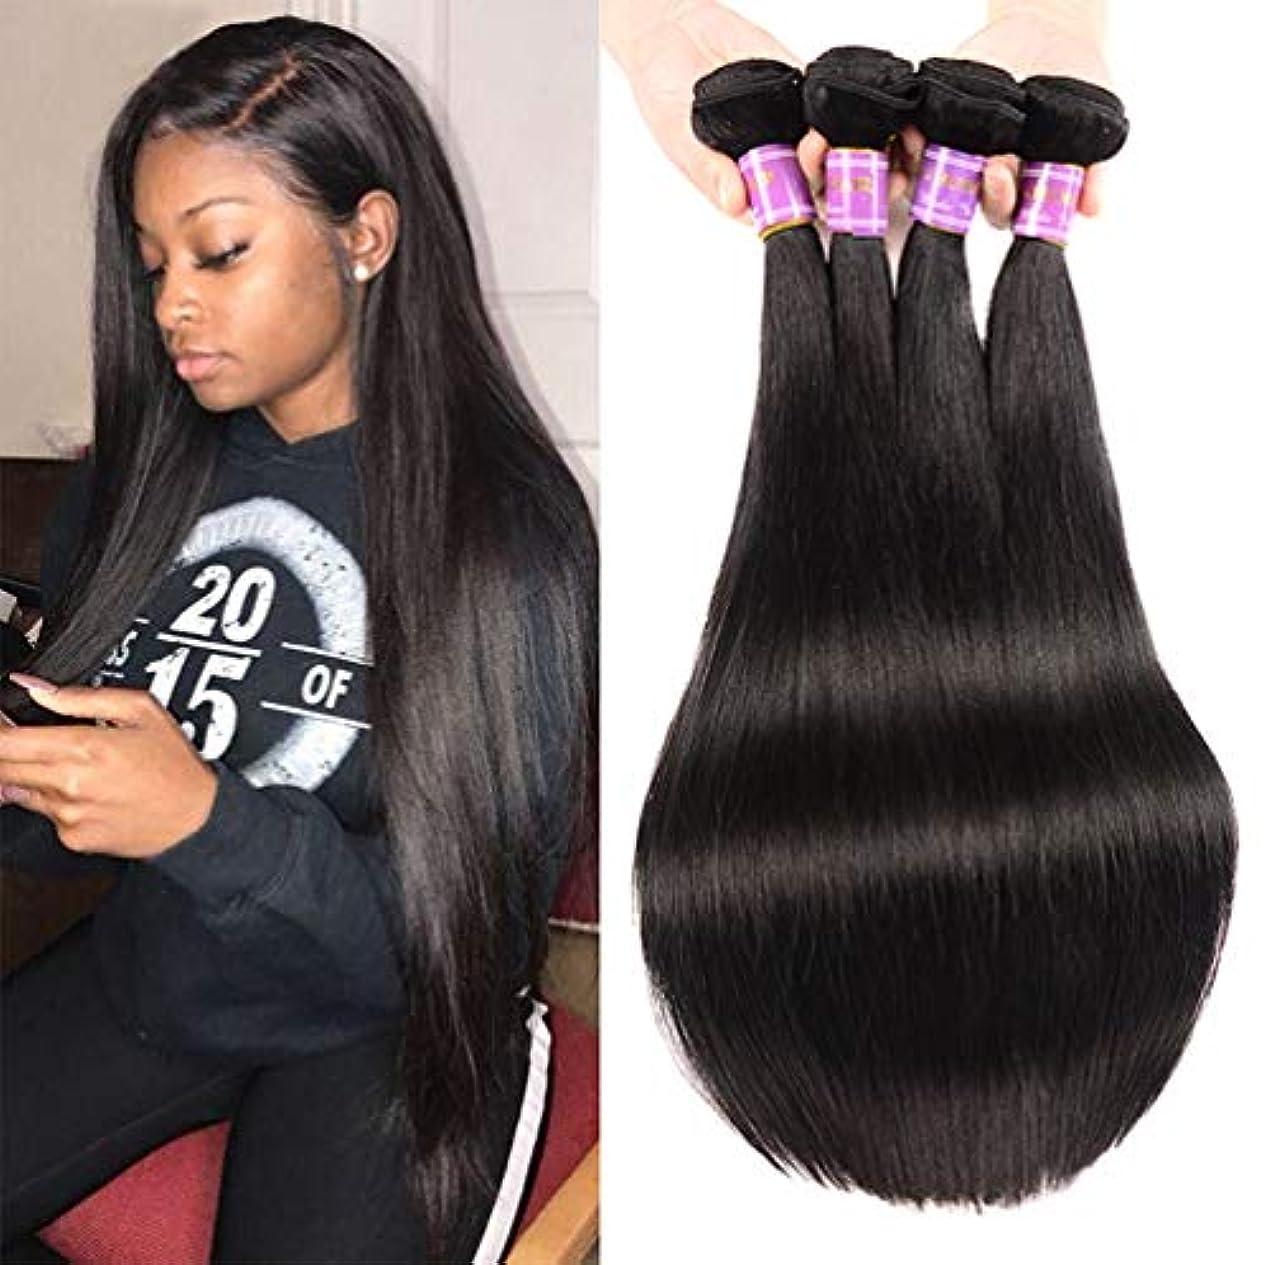 国気楽な国ブラジル3バンドルストレート人間の髪の束シルキーストレートバージン人毛織りエクステンション自然300グラム